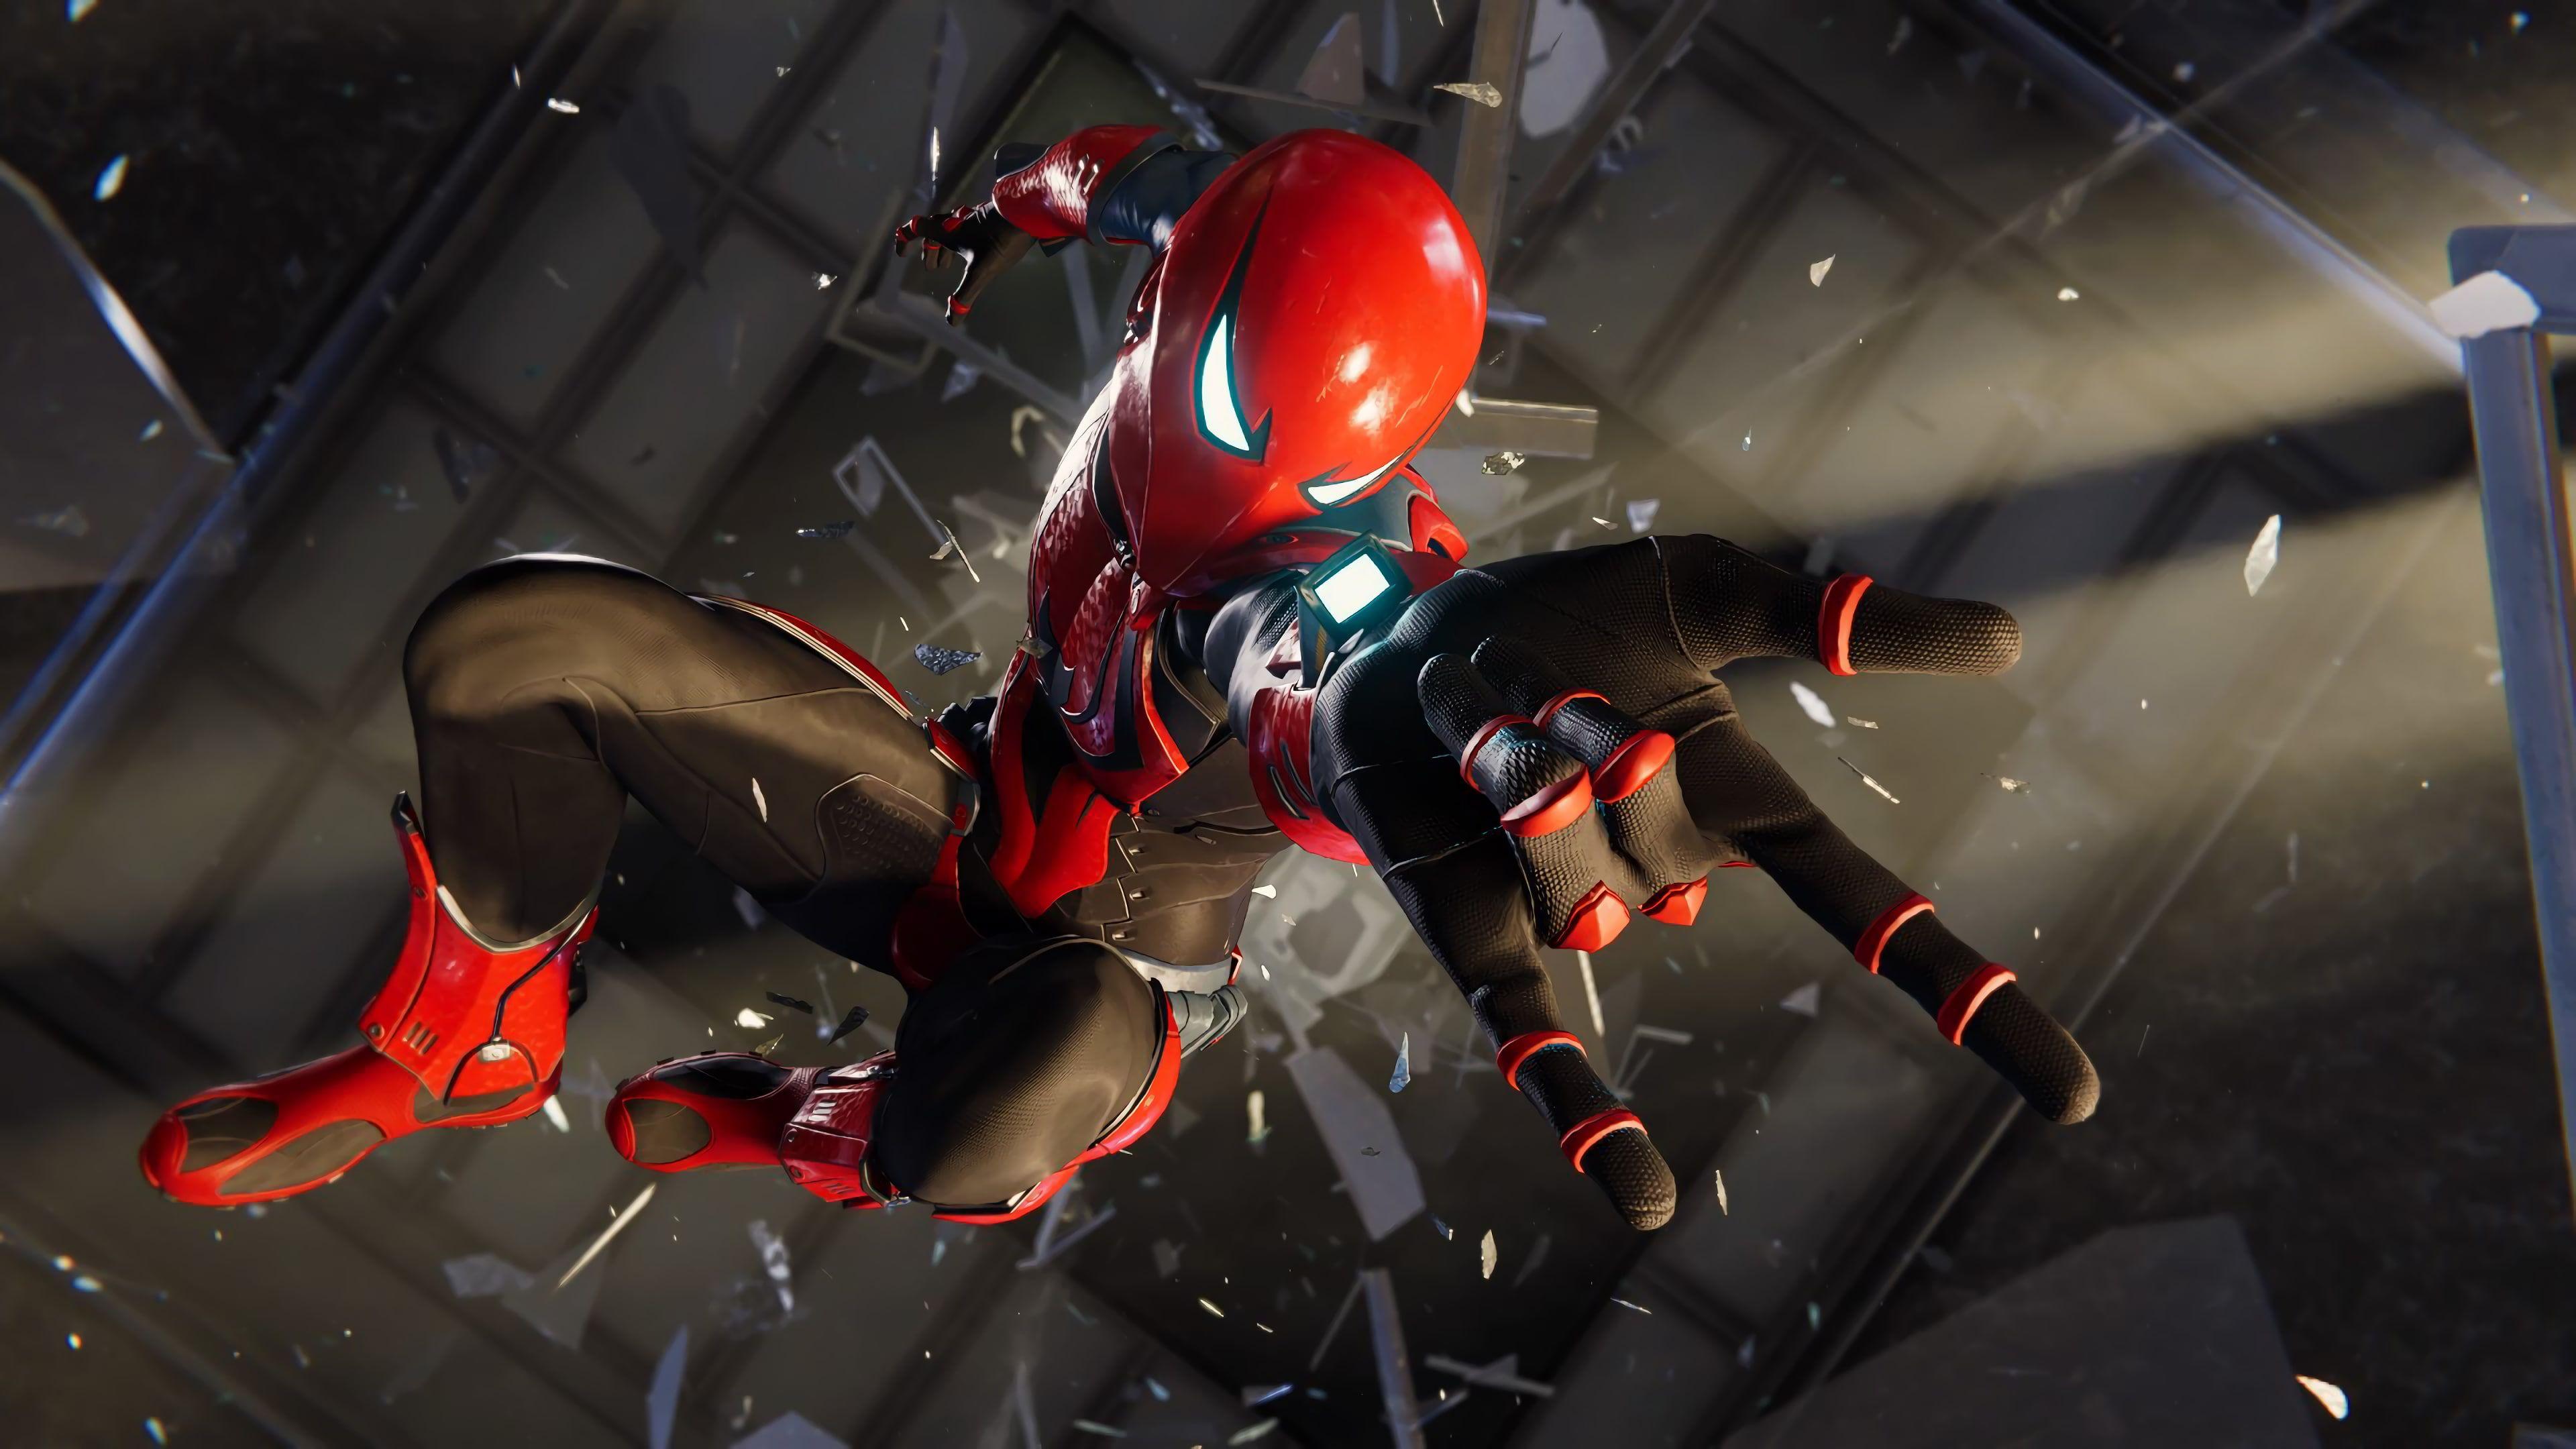 Spider Man Spider Man Ps4 4k Wallpaper Hdwallpaper Desktop Spiderman Ps4 Wallpaper Spiderman Black Spiderman